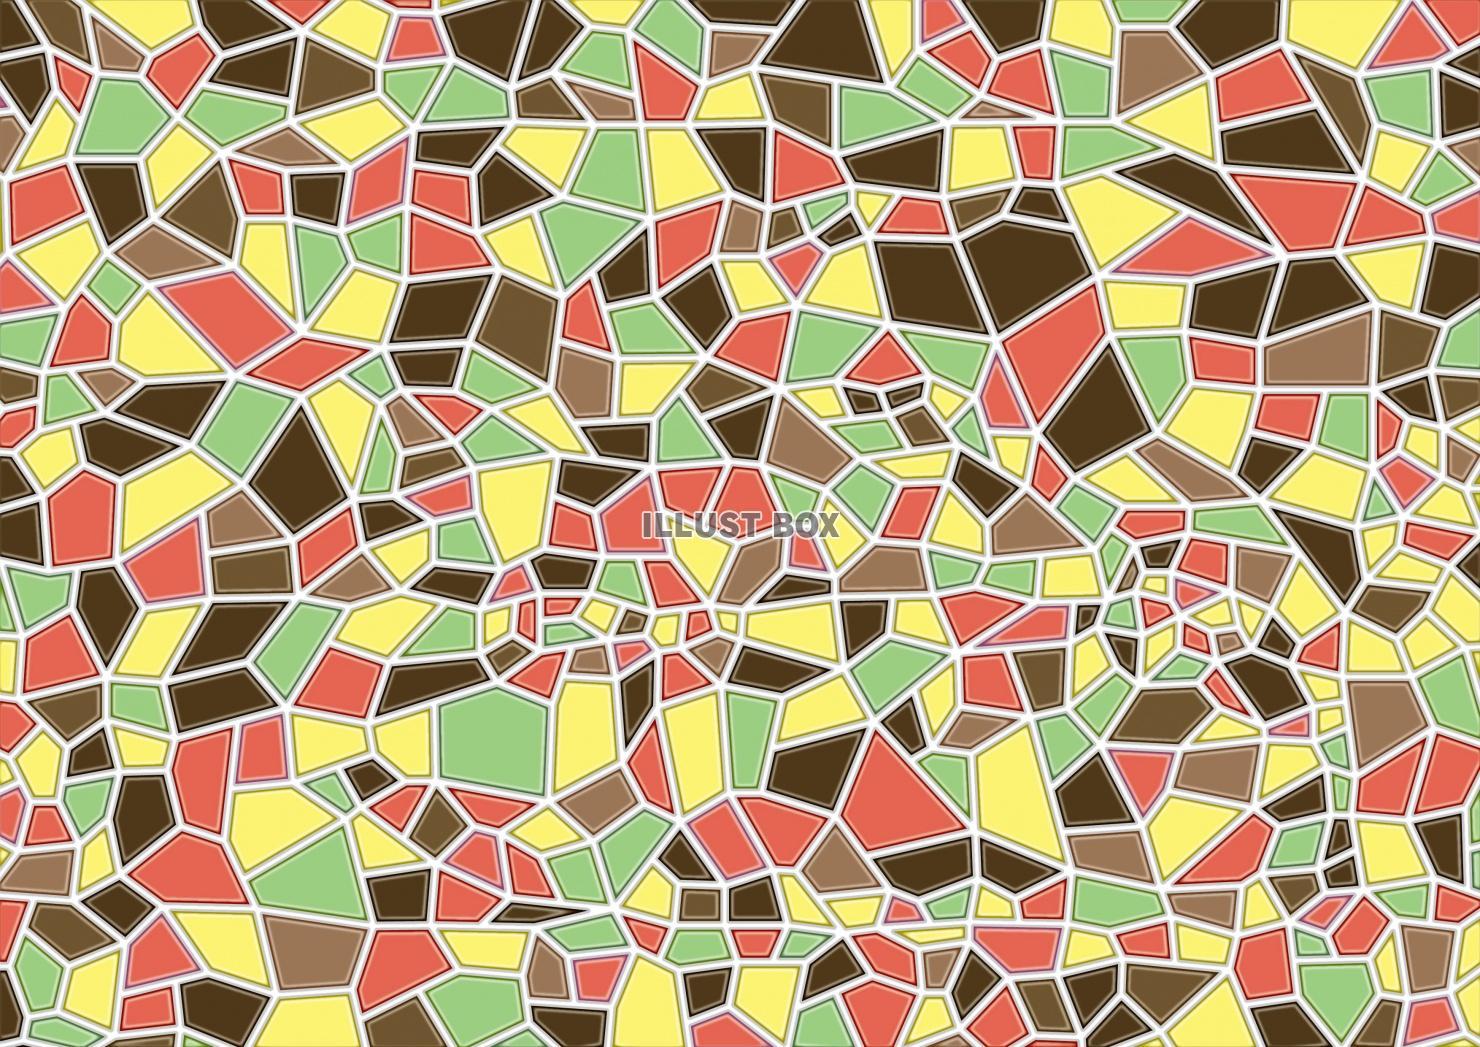 壁紙 柄 パターン イラスト無料